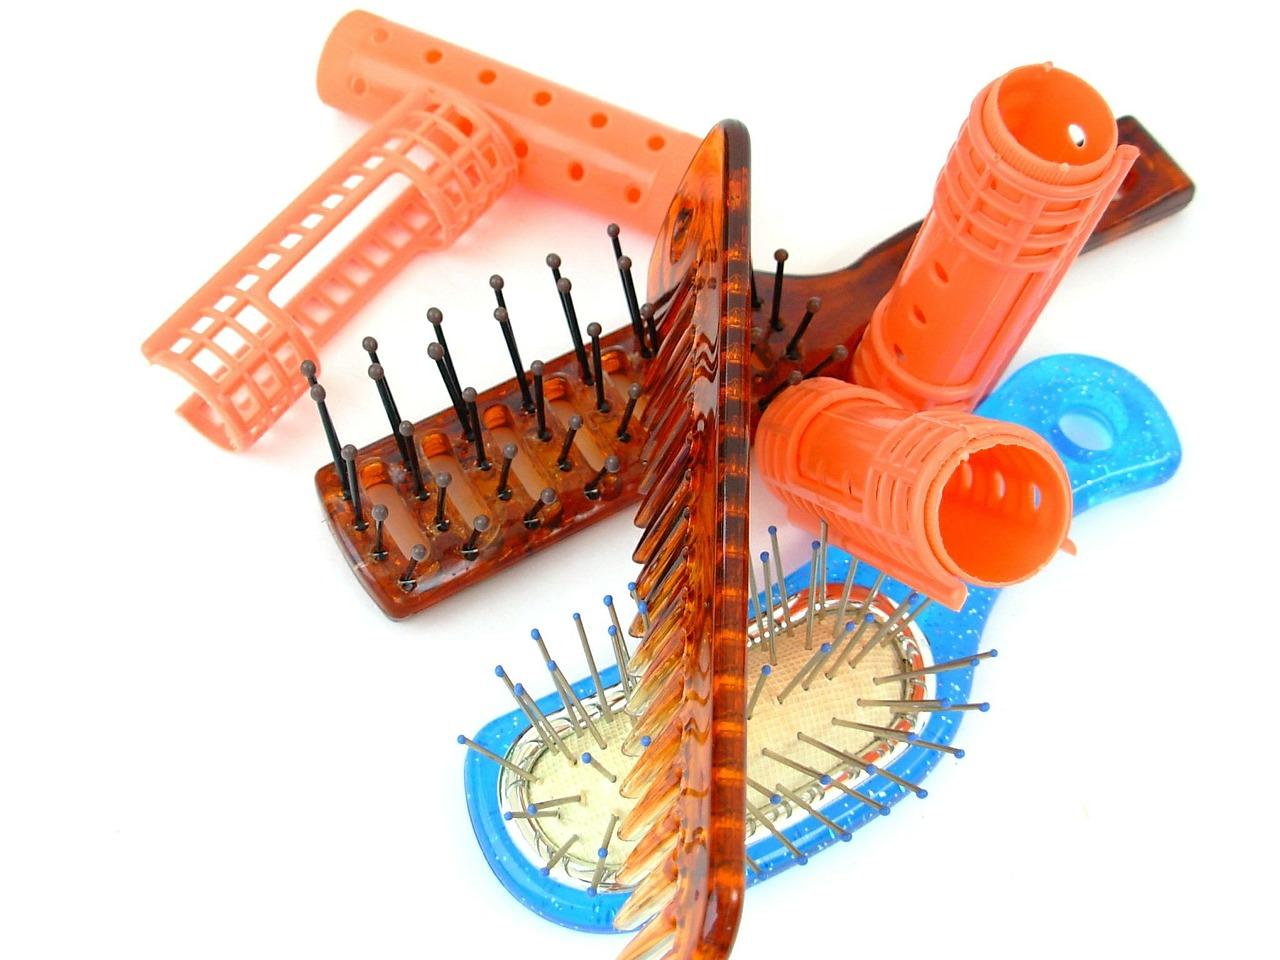 hairbrush-350073_1280